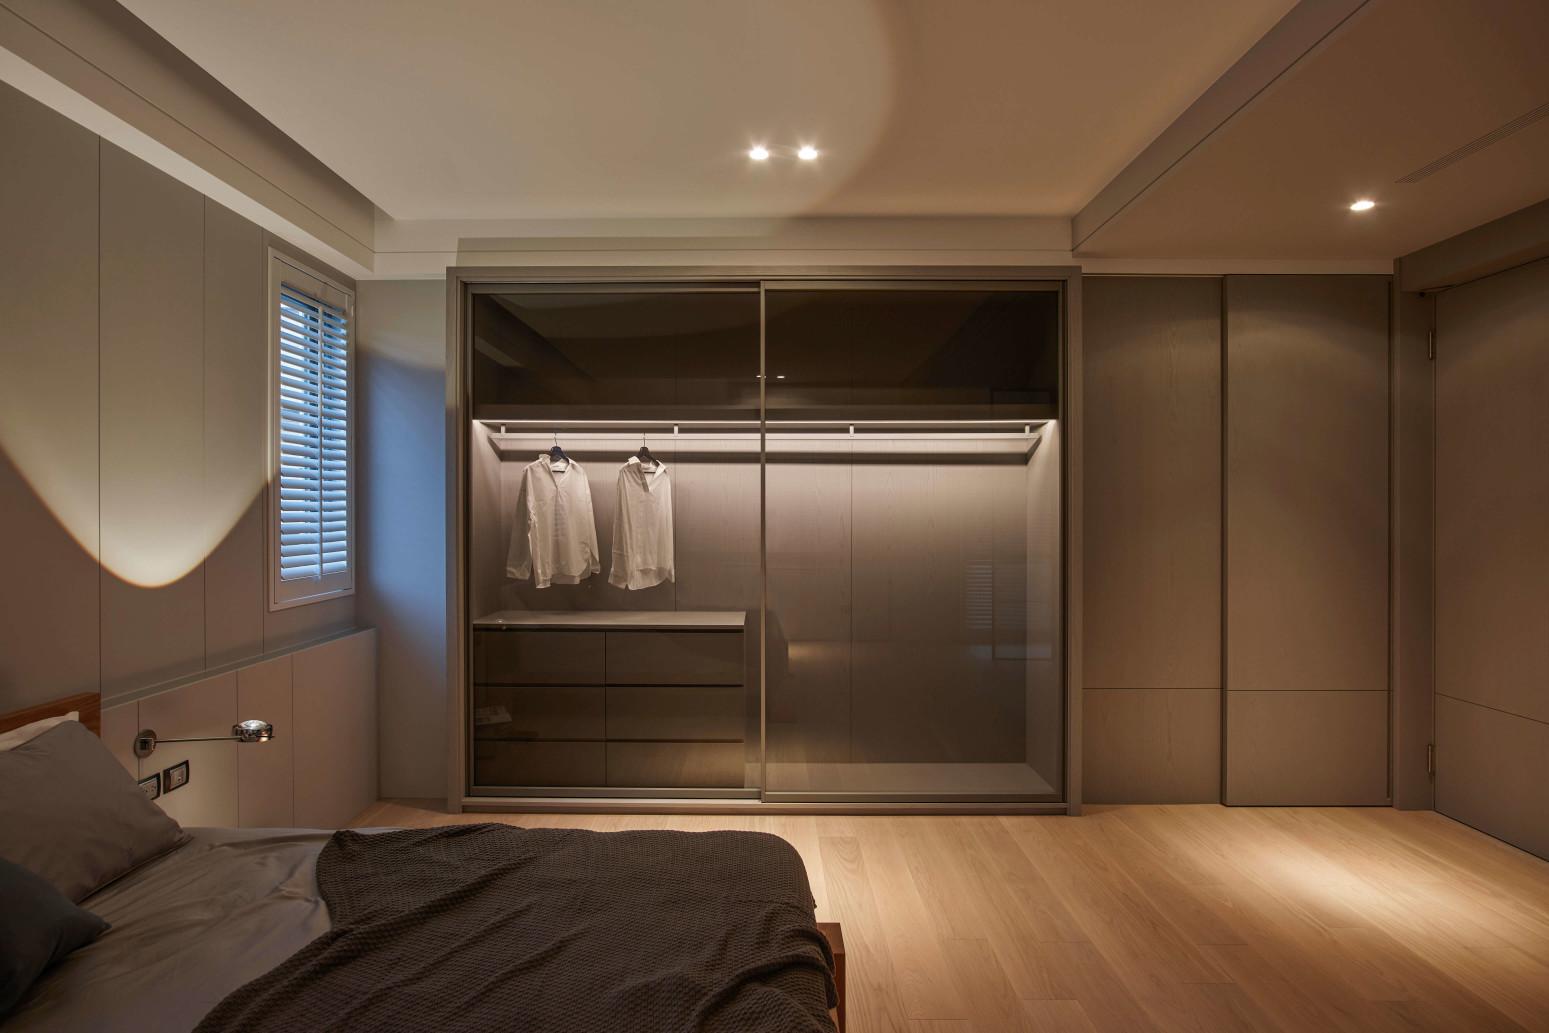 台中分子室內裝修設計 - 裝修住宅設計 - 自地自建 - 臥室臥房